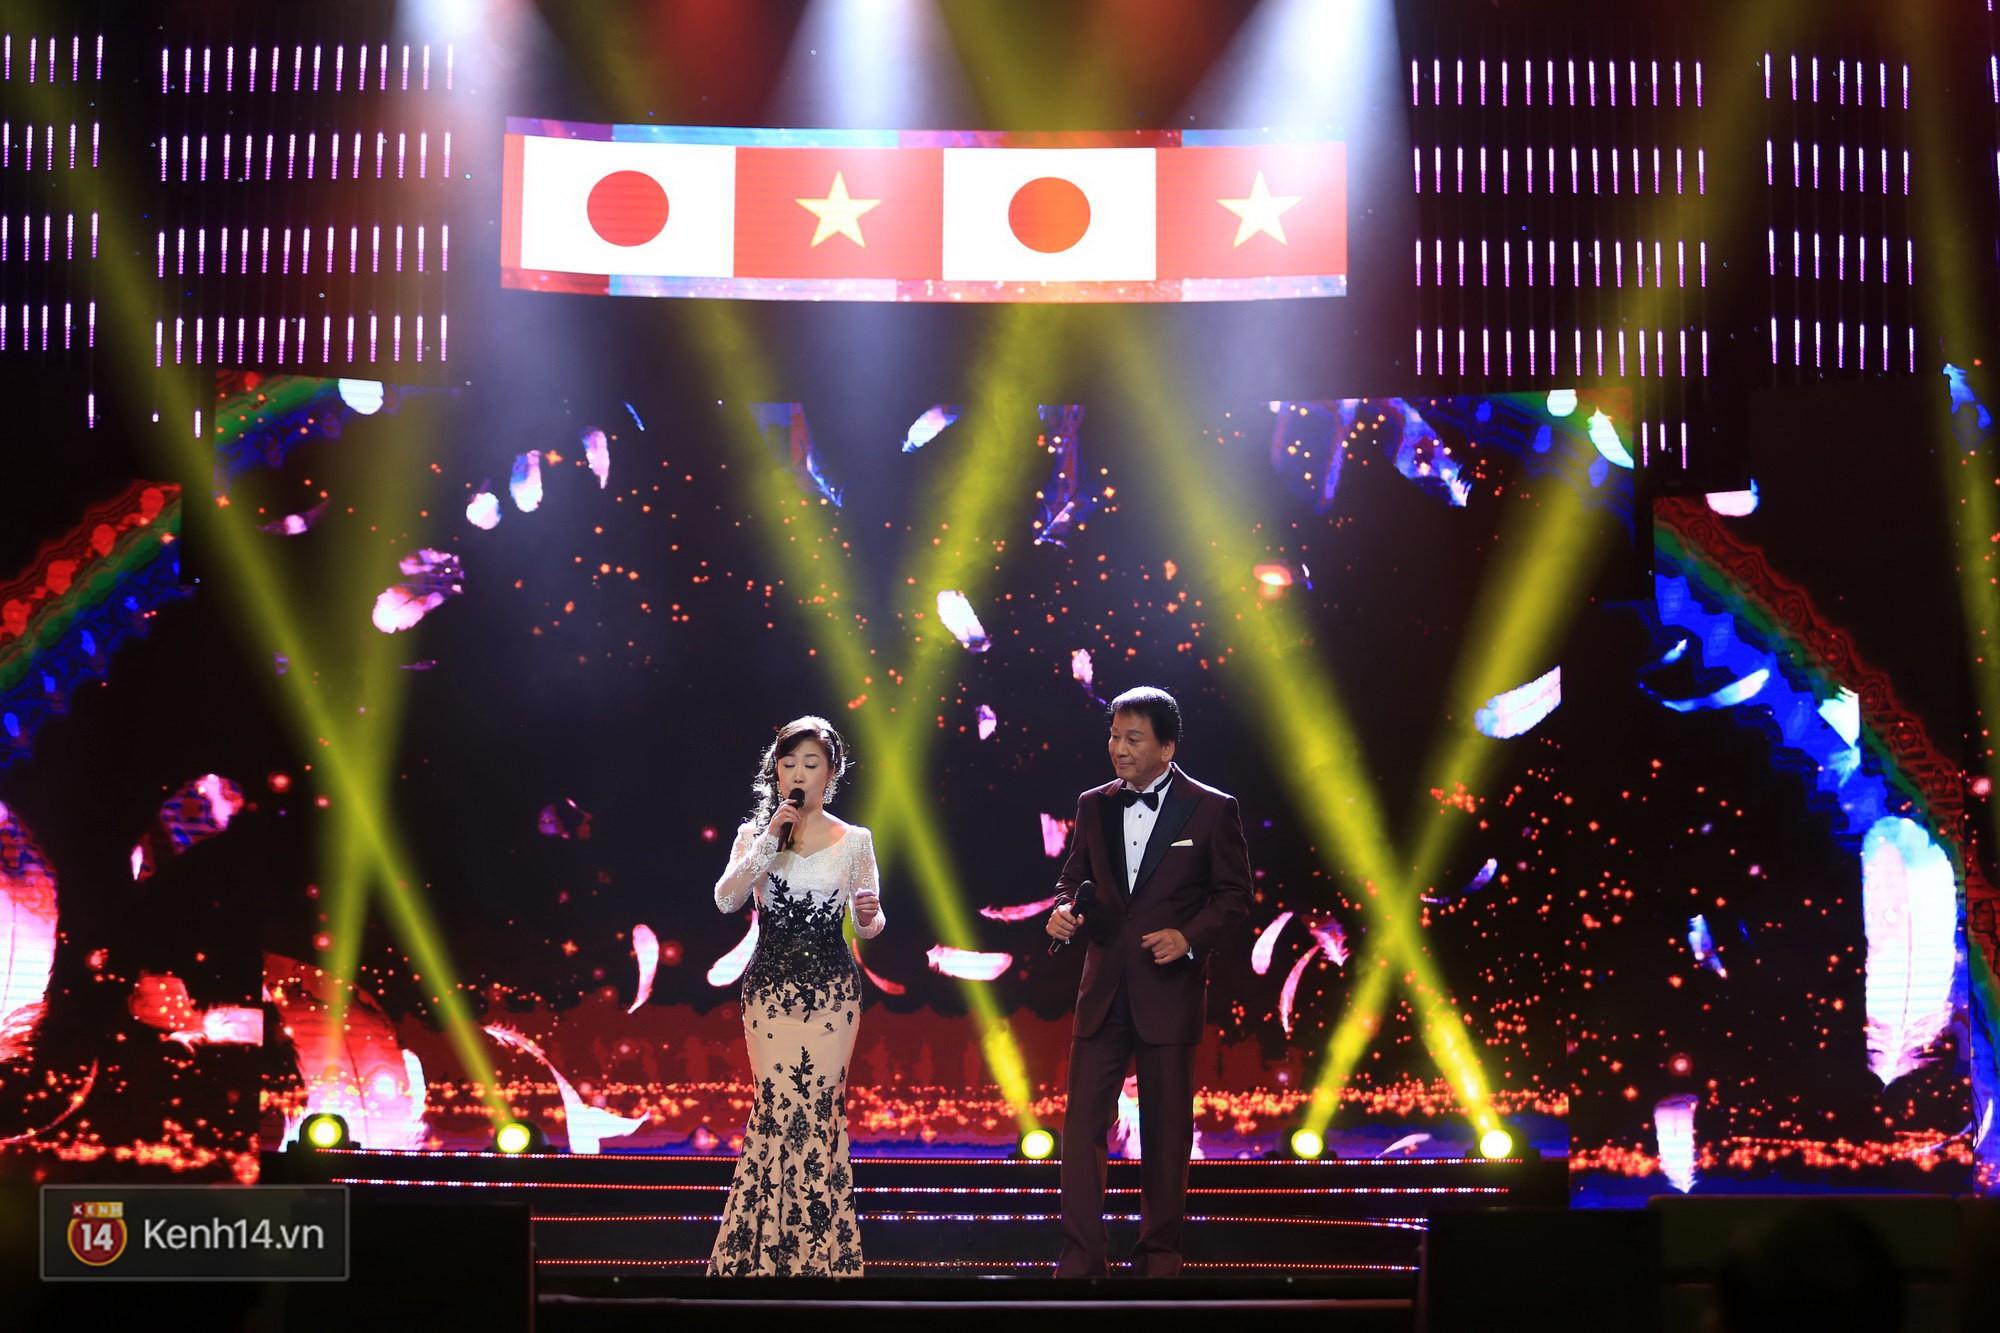 Clip: Đông Nhi và hiện tượng âm nhạc thế giới Bút dứa - Táo bút đốt cháy sân khấu bằng loạt hit đình đám - Ảnh 17.